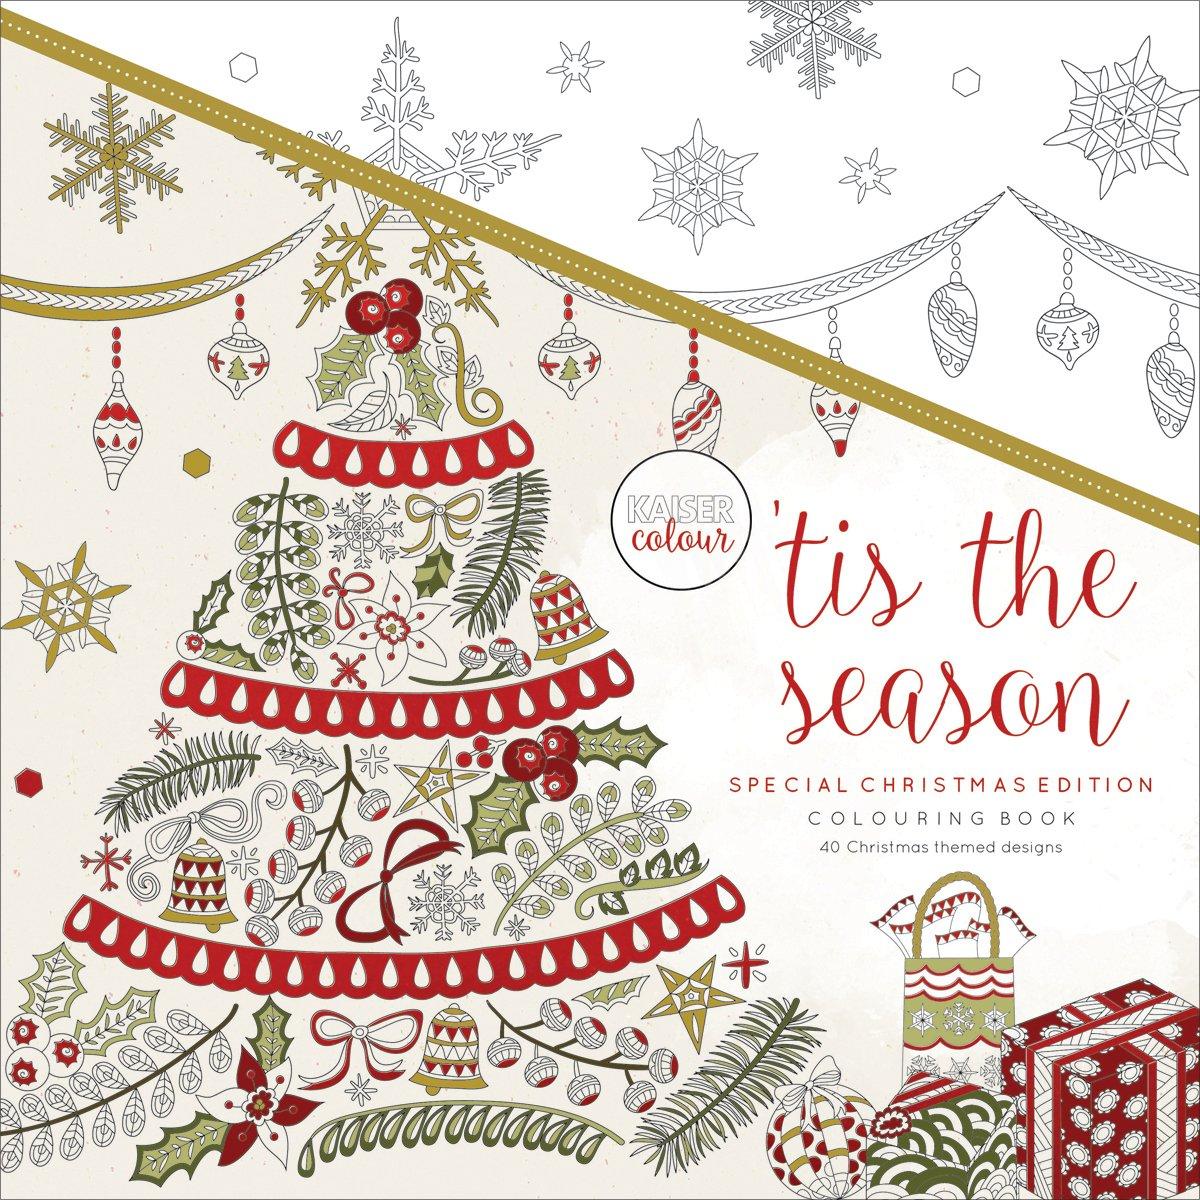 Kaisercolour Perfect Bound Coloring Book 9.75'X9.75'-'Tis The Season Christmas